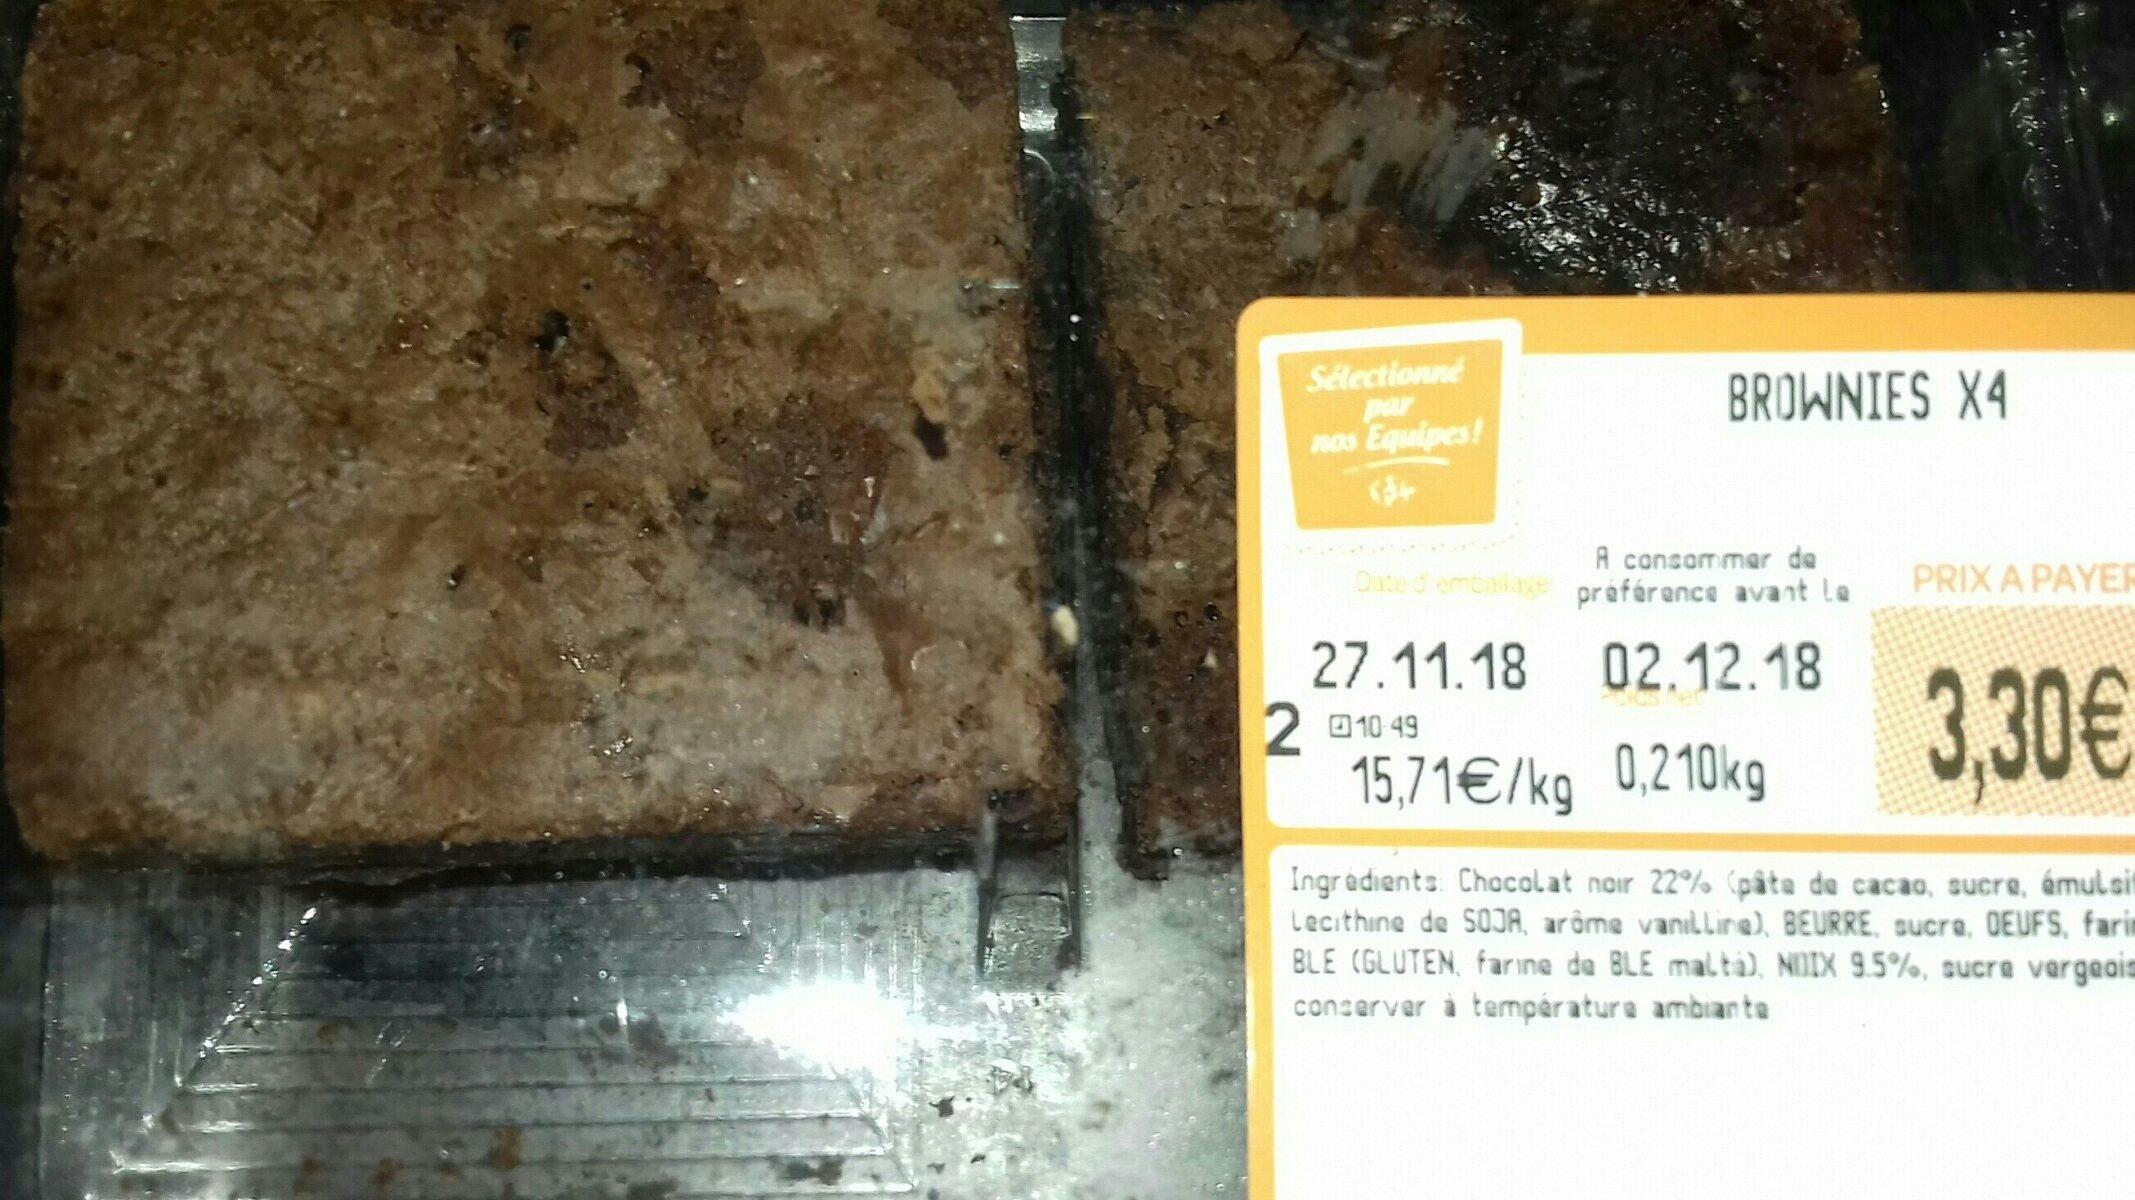 Brownies X4 - Ingredients